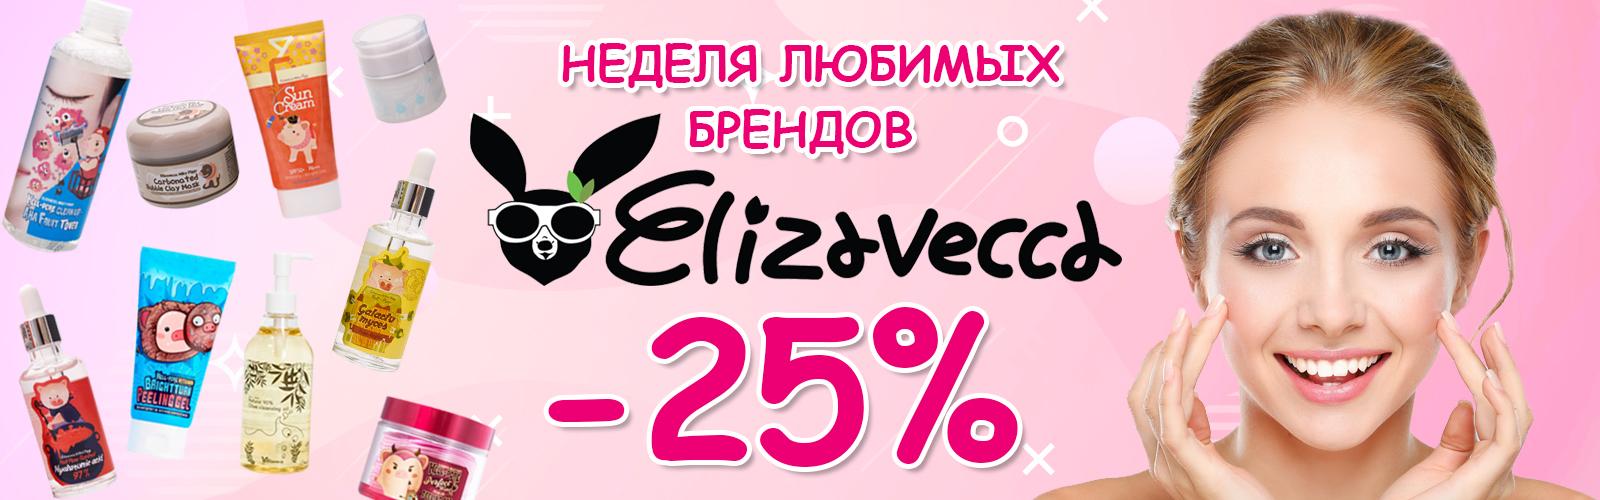 🔥 Скидка -25% на косметический бренд Elizavecca.